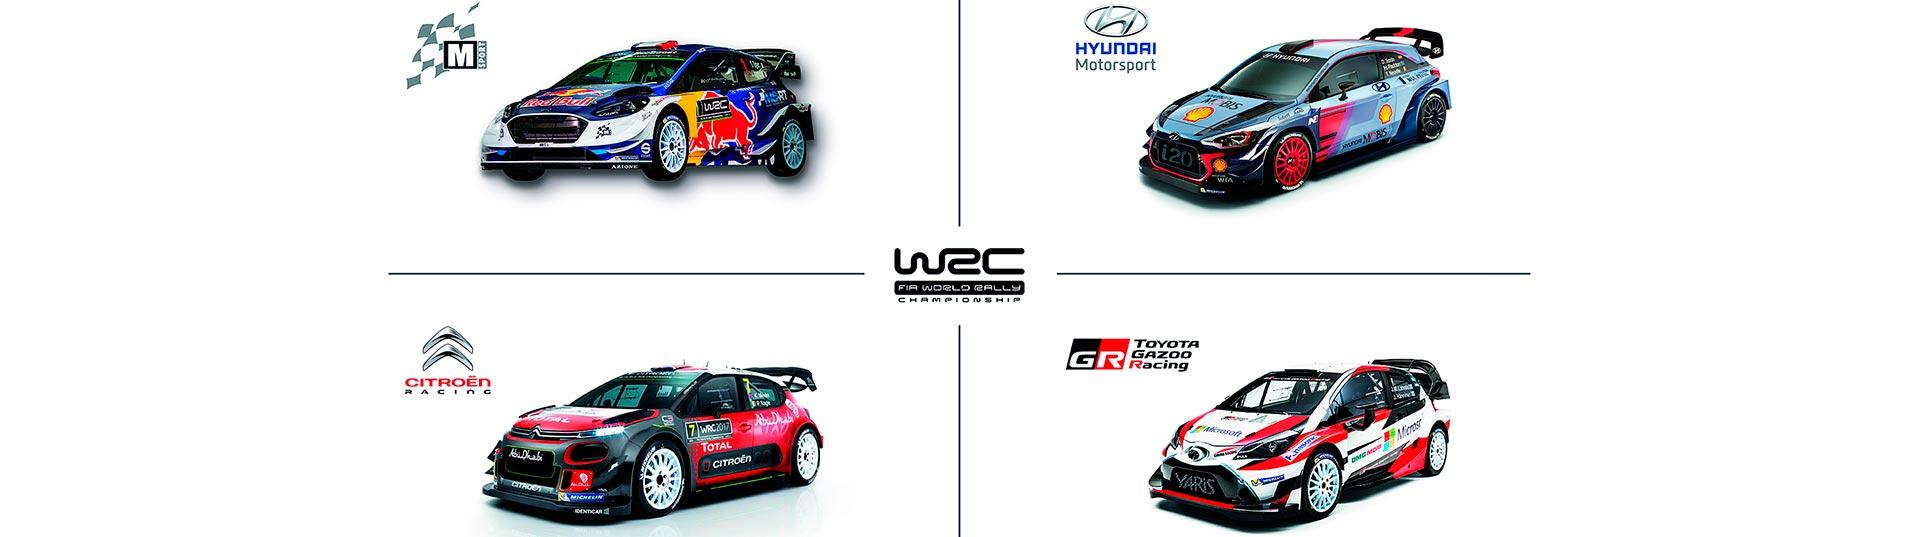 WRC 2017